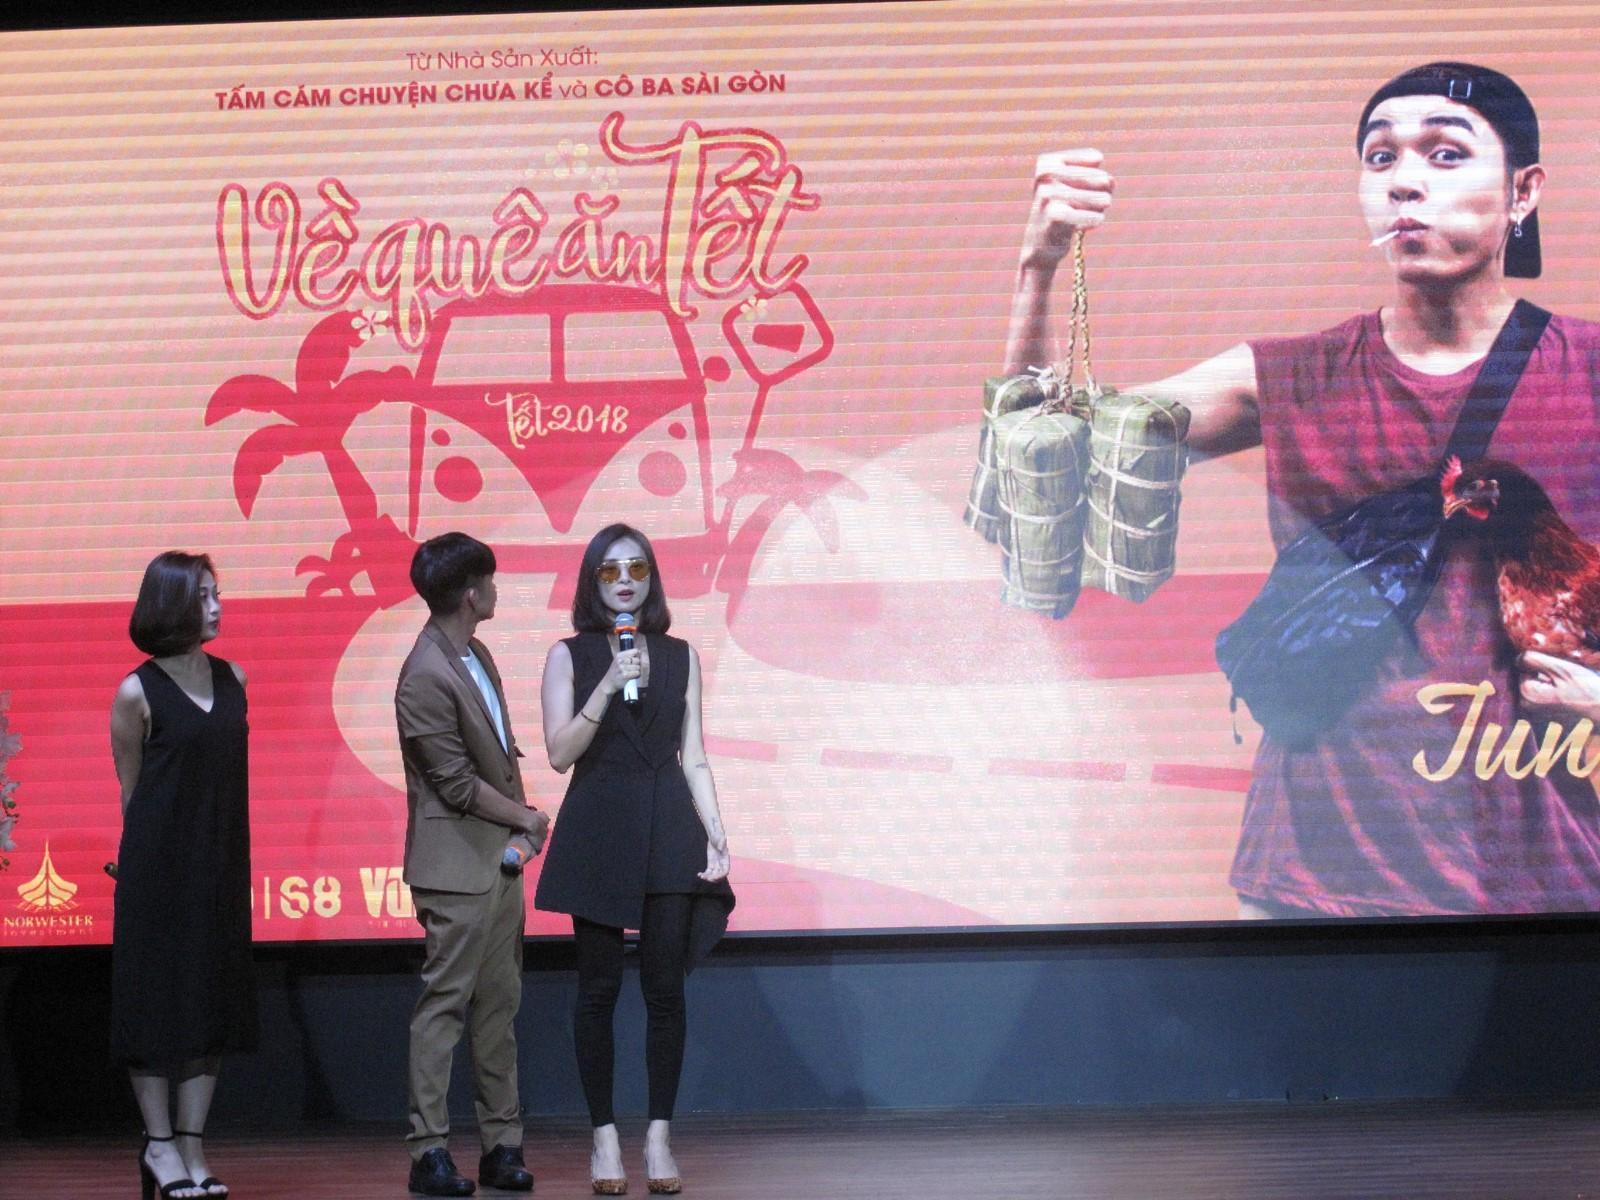 Ngôi sao - Ngô Thanh Vân bất ngờ chọn Jun Phạm cho vai chính trong phim Tết (Hình 3).